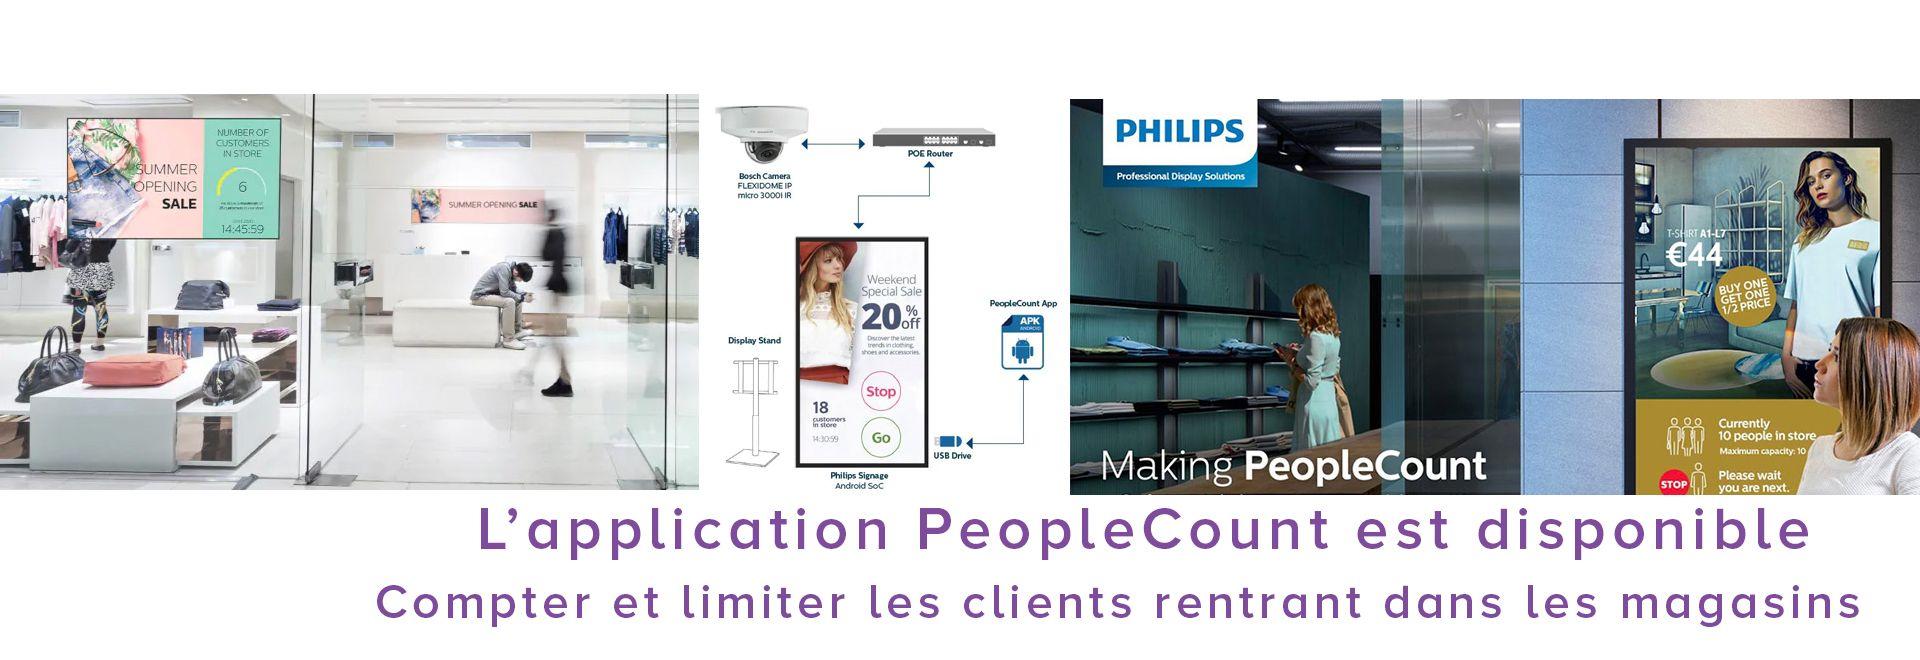 PeopleCount pour limiter le nombre de clients dans un lieu de vente